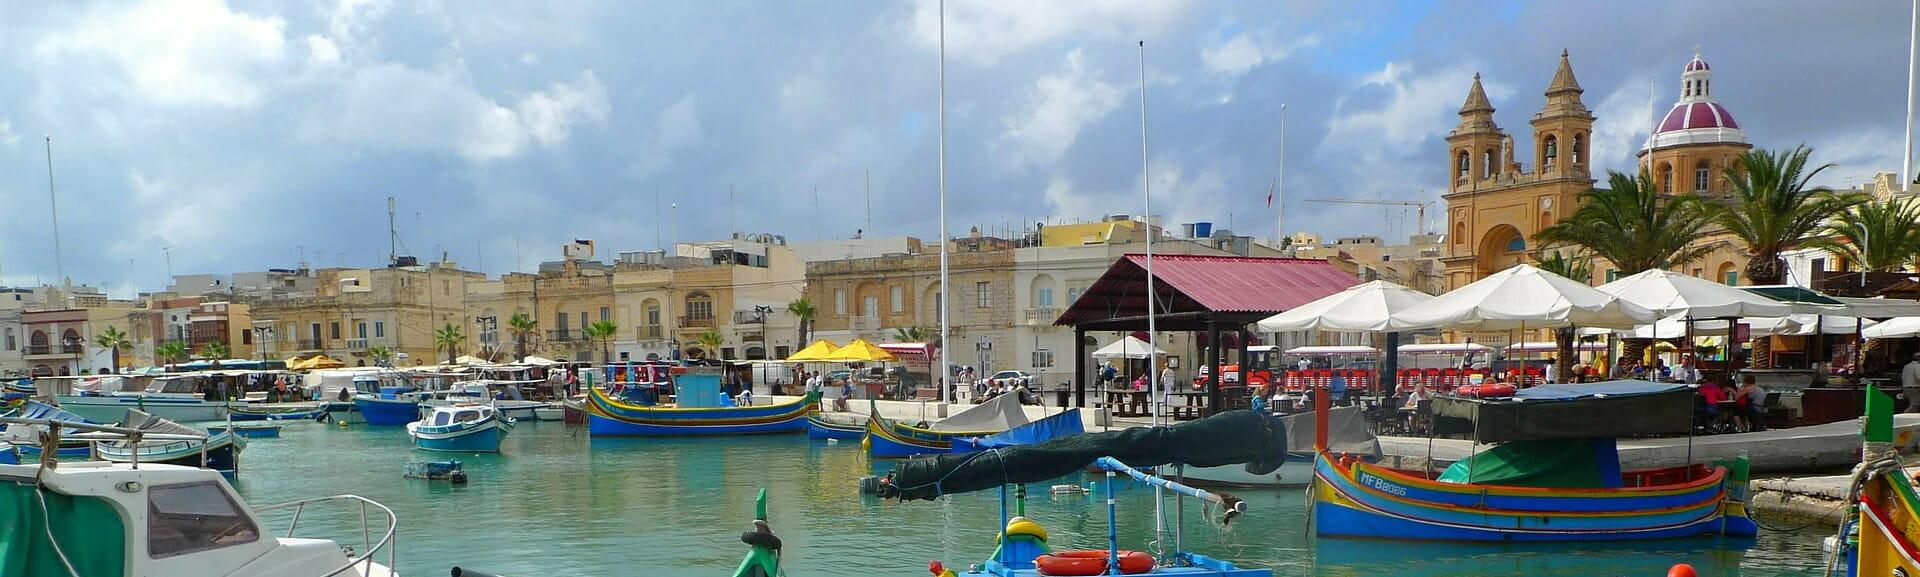 Klassenfahrt Malta Fischerboote am Hafen